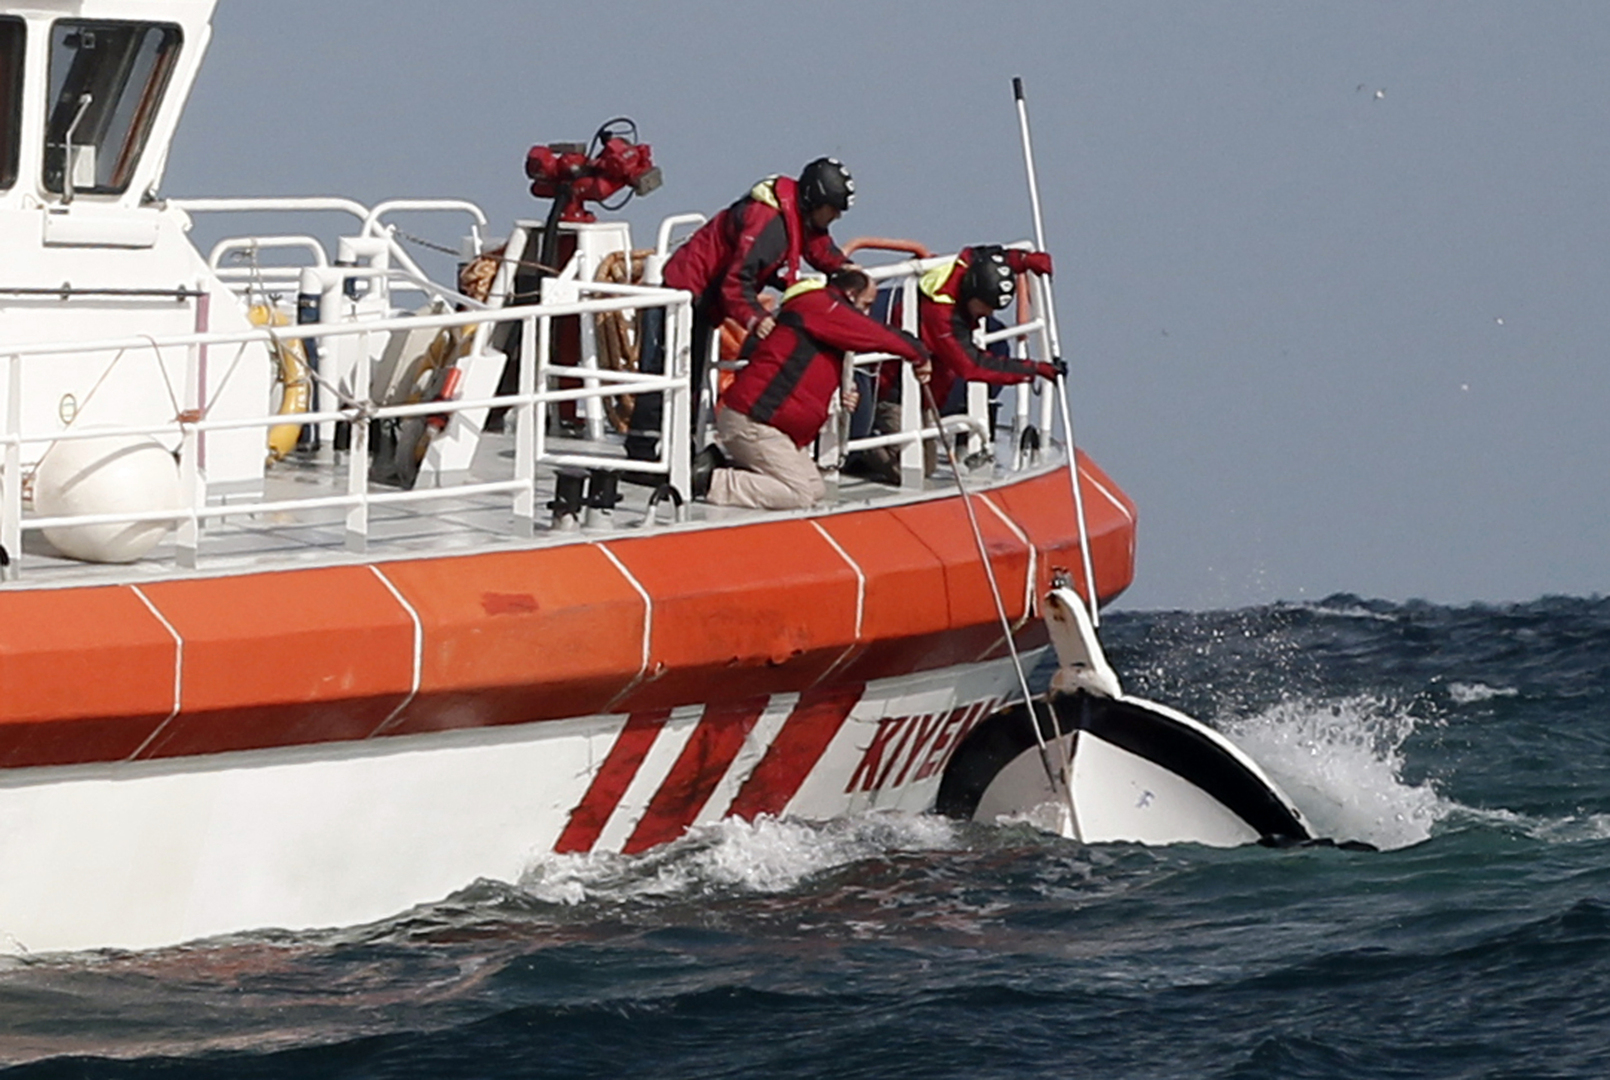 خفر السواحل التركي ينقذ 11 مهاجرا أجبرتهم اليونان على العودة